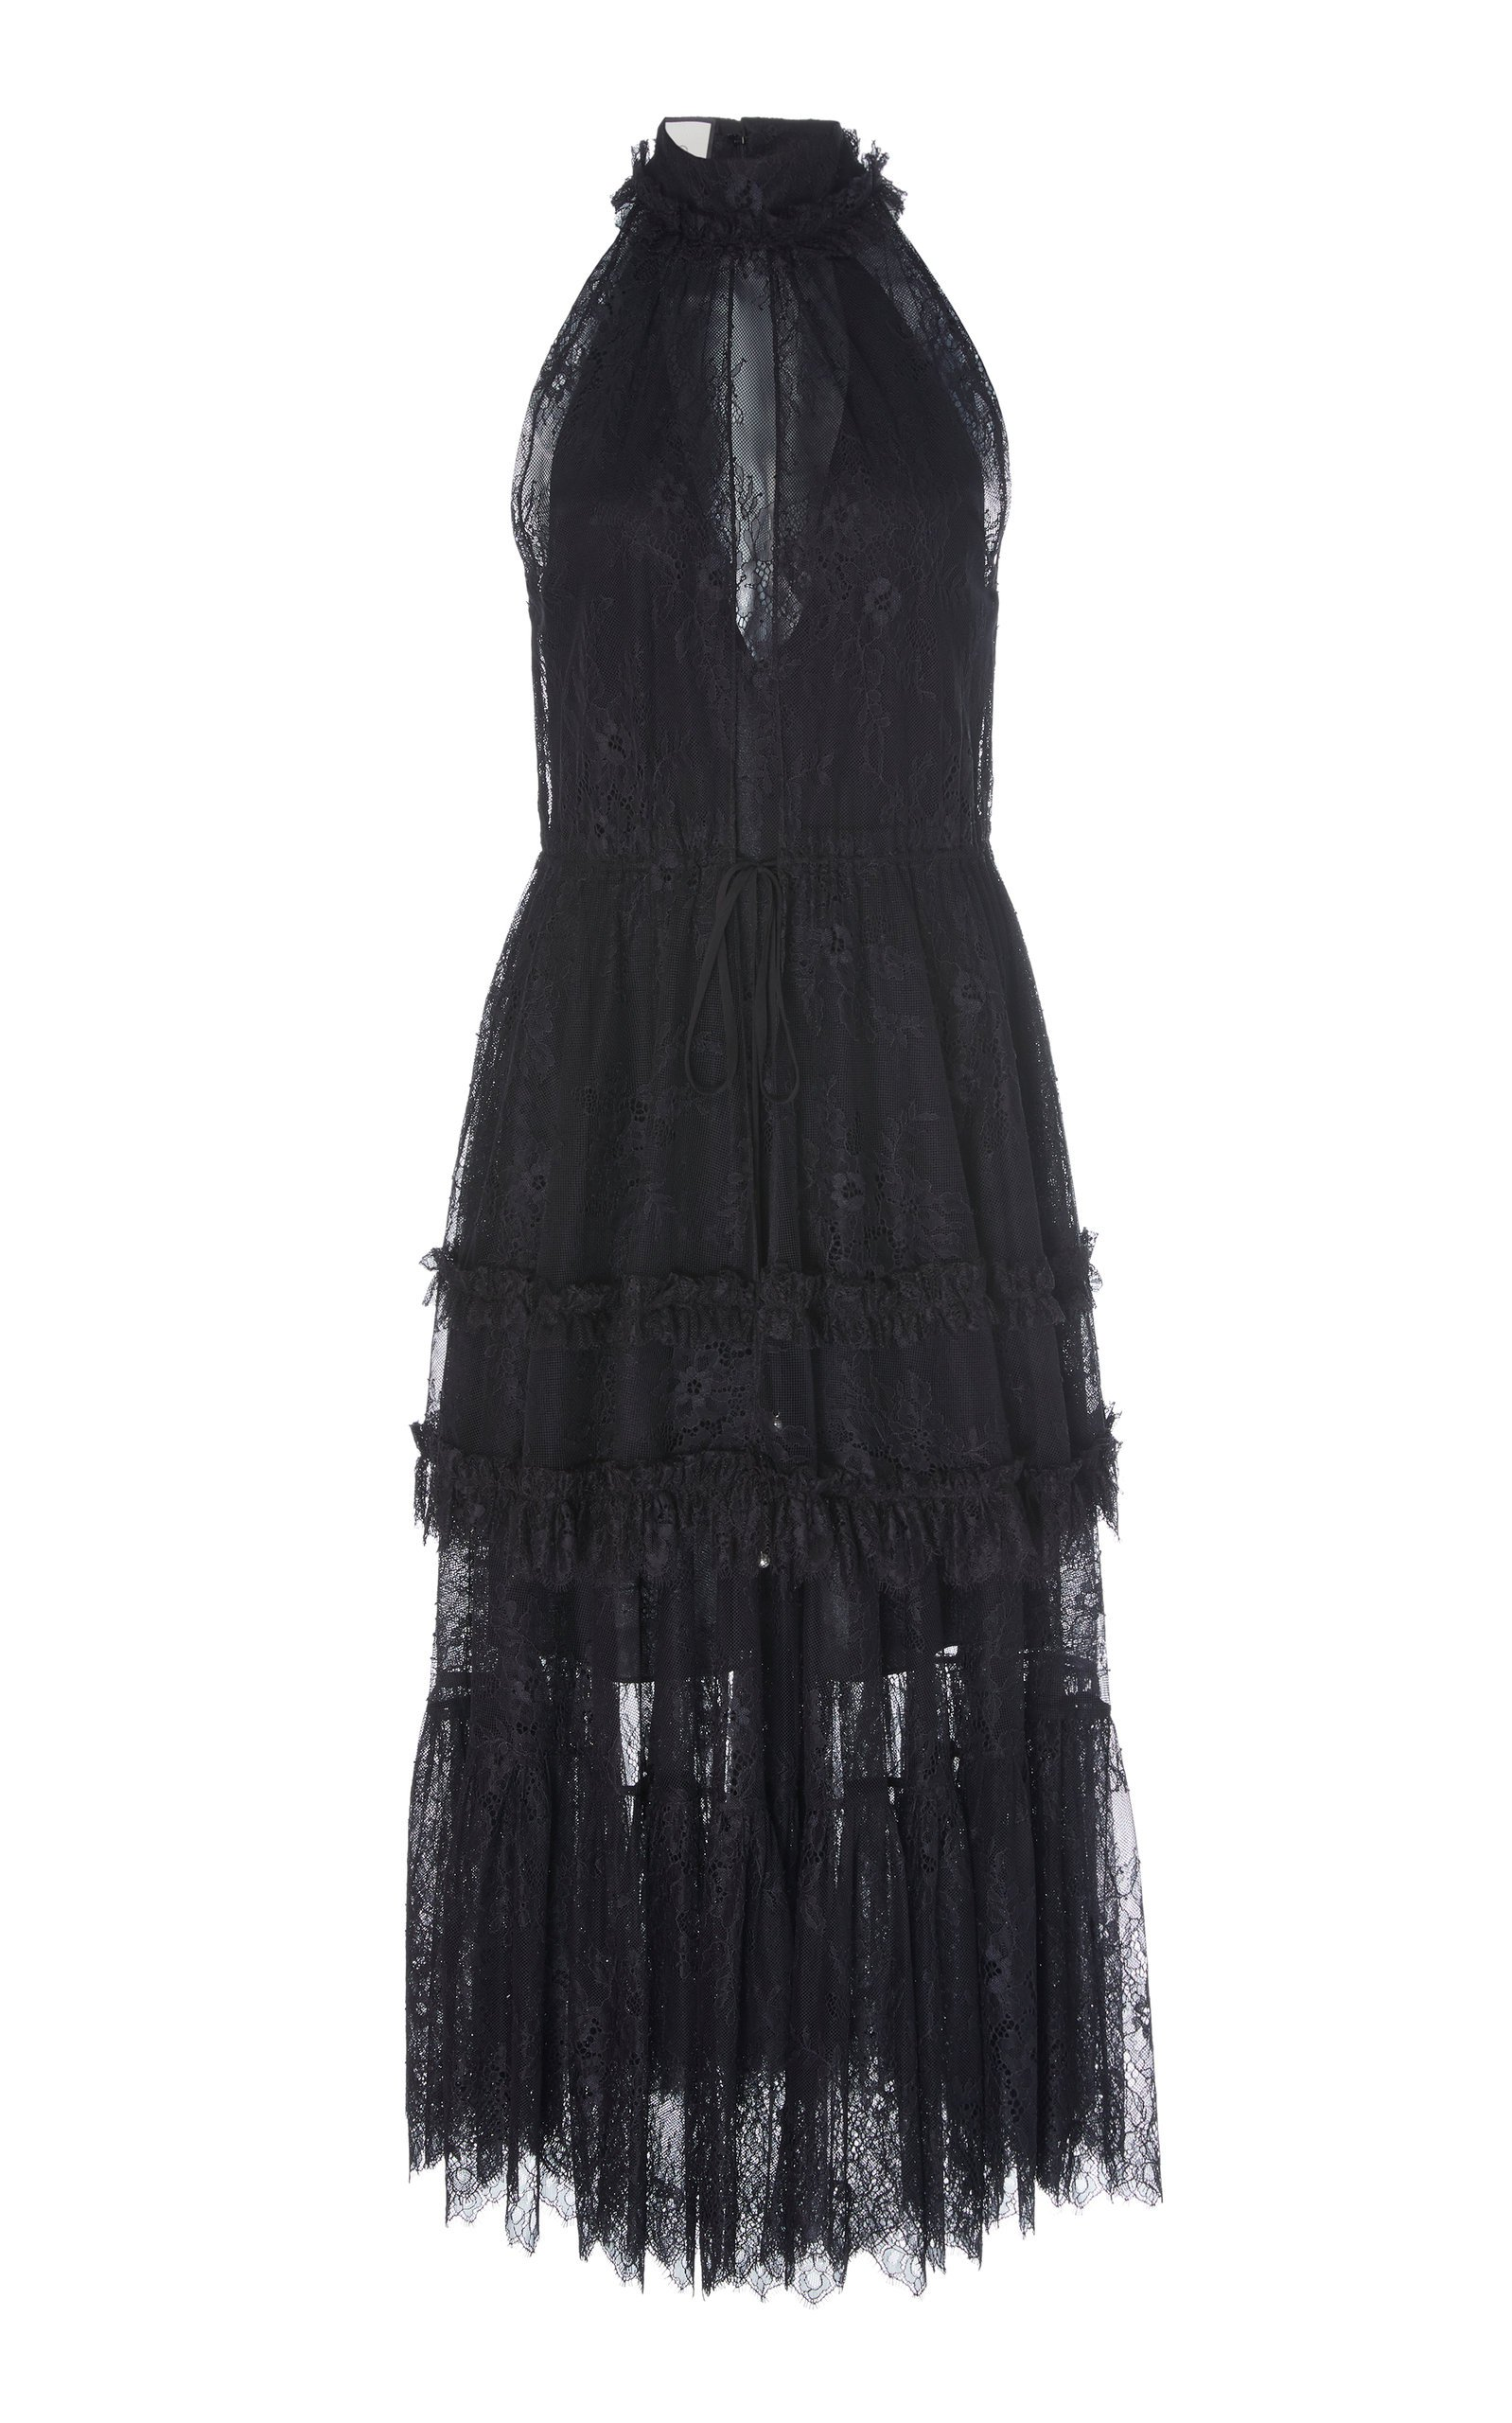 Magdalina Tiered Lace Dress by Alexis | Moda Operandi